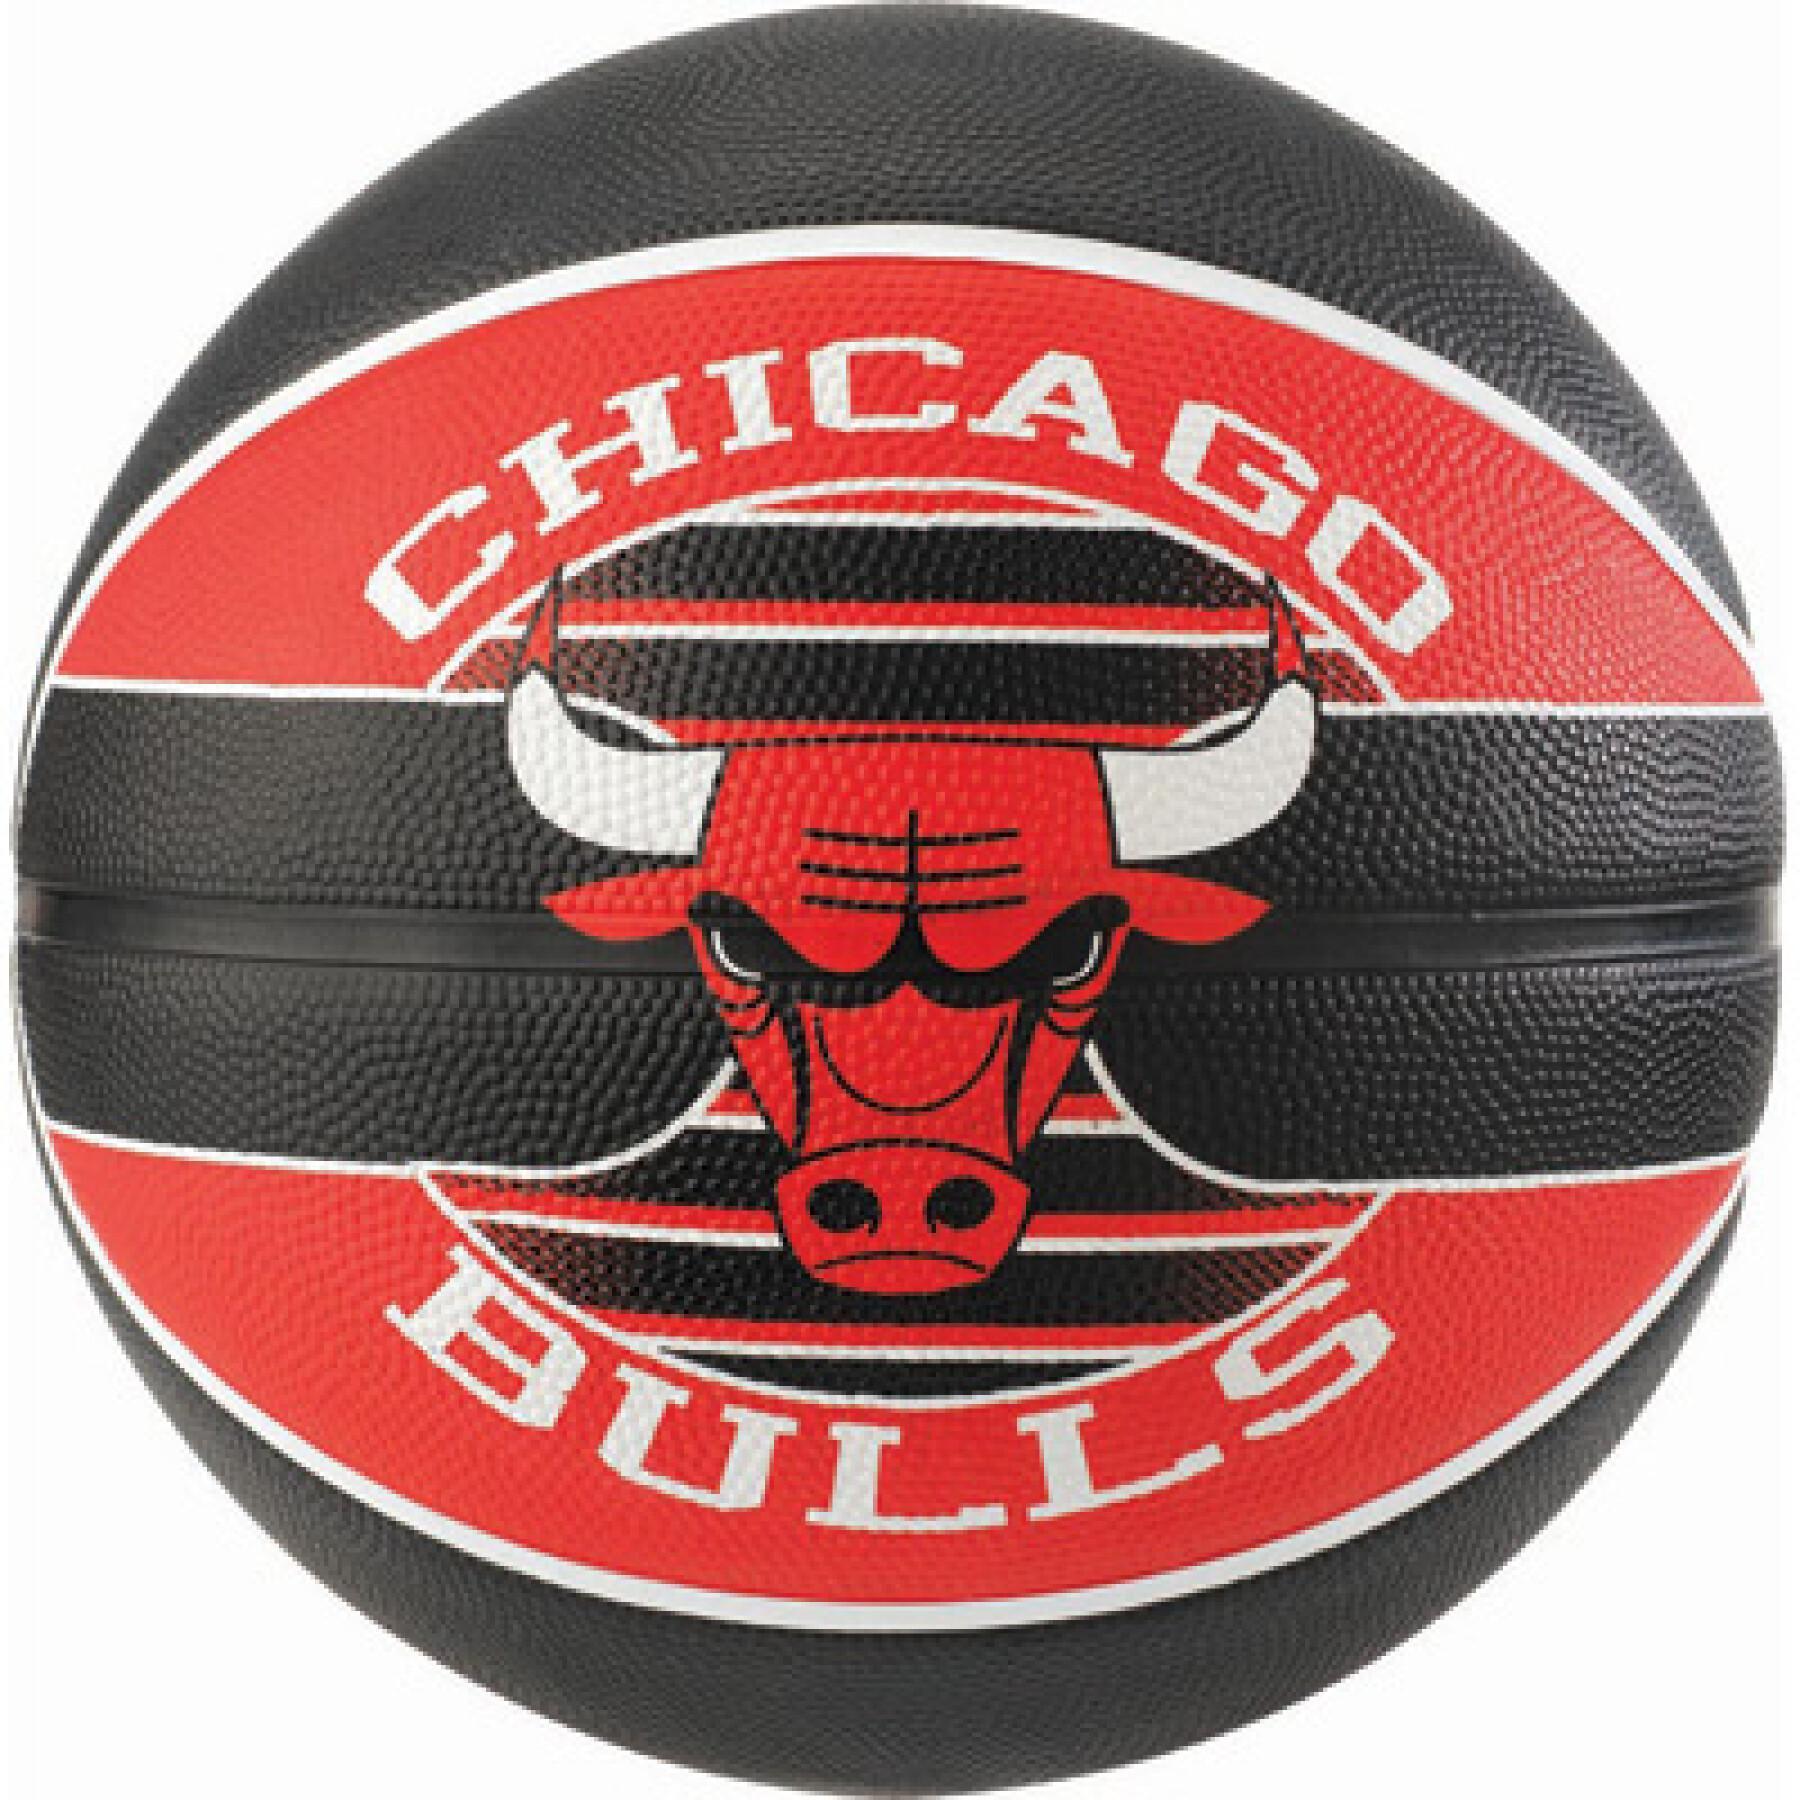 Ballon de basket Spalding  Chicago Bulls